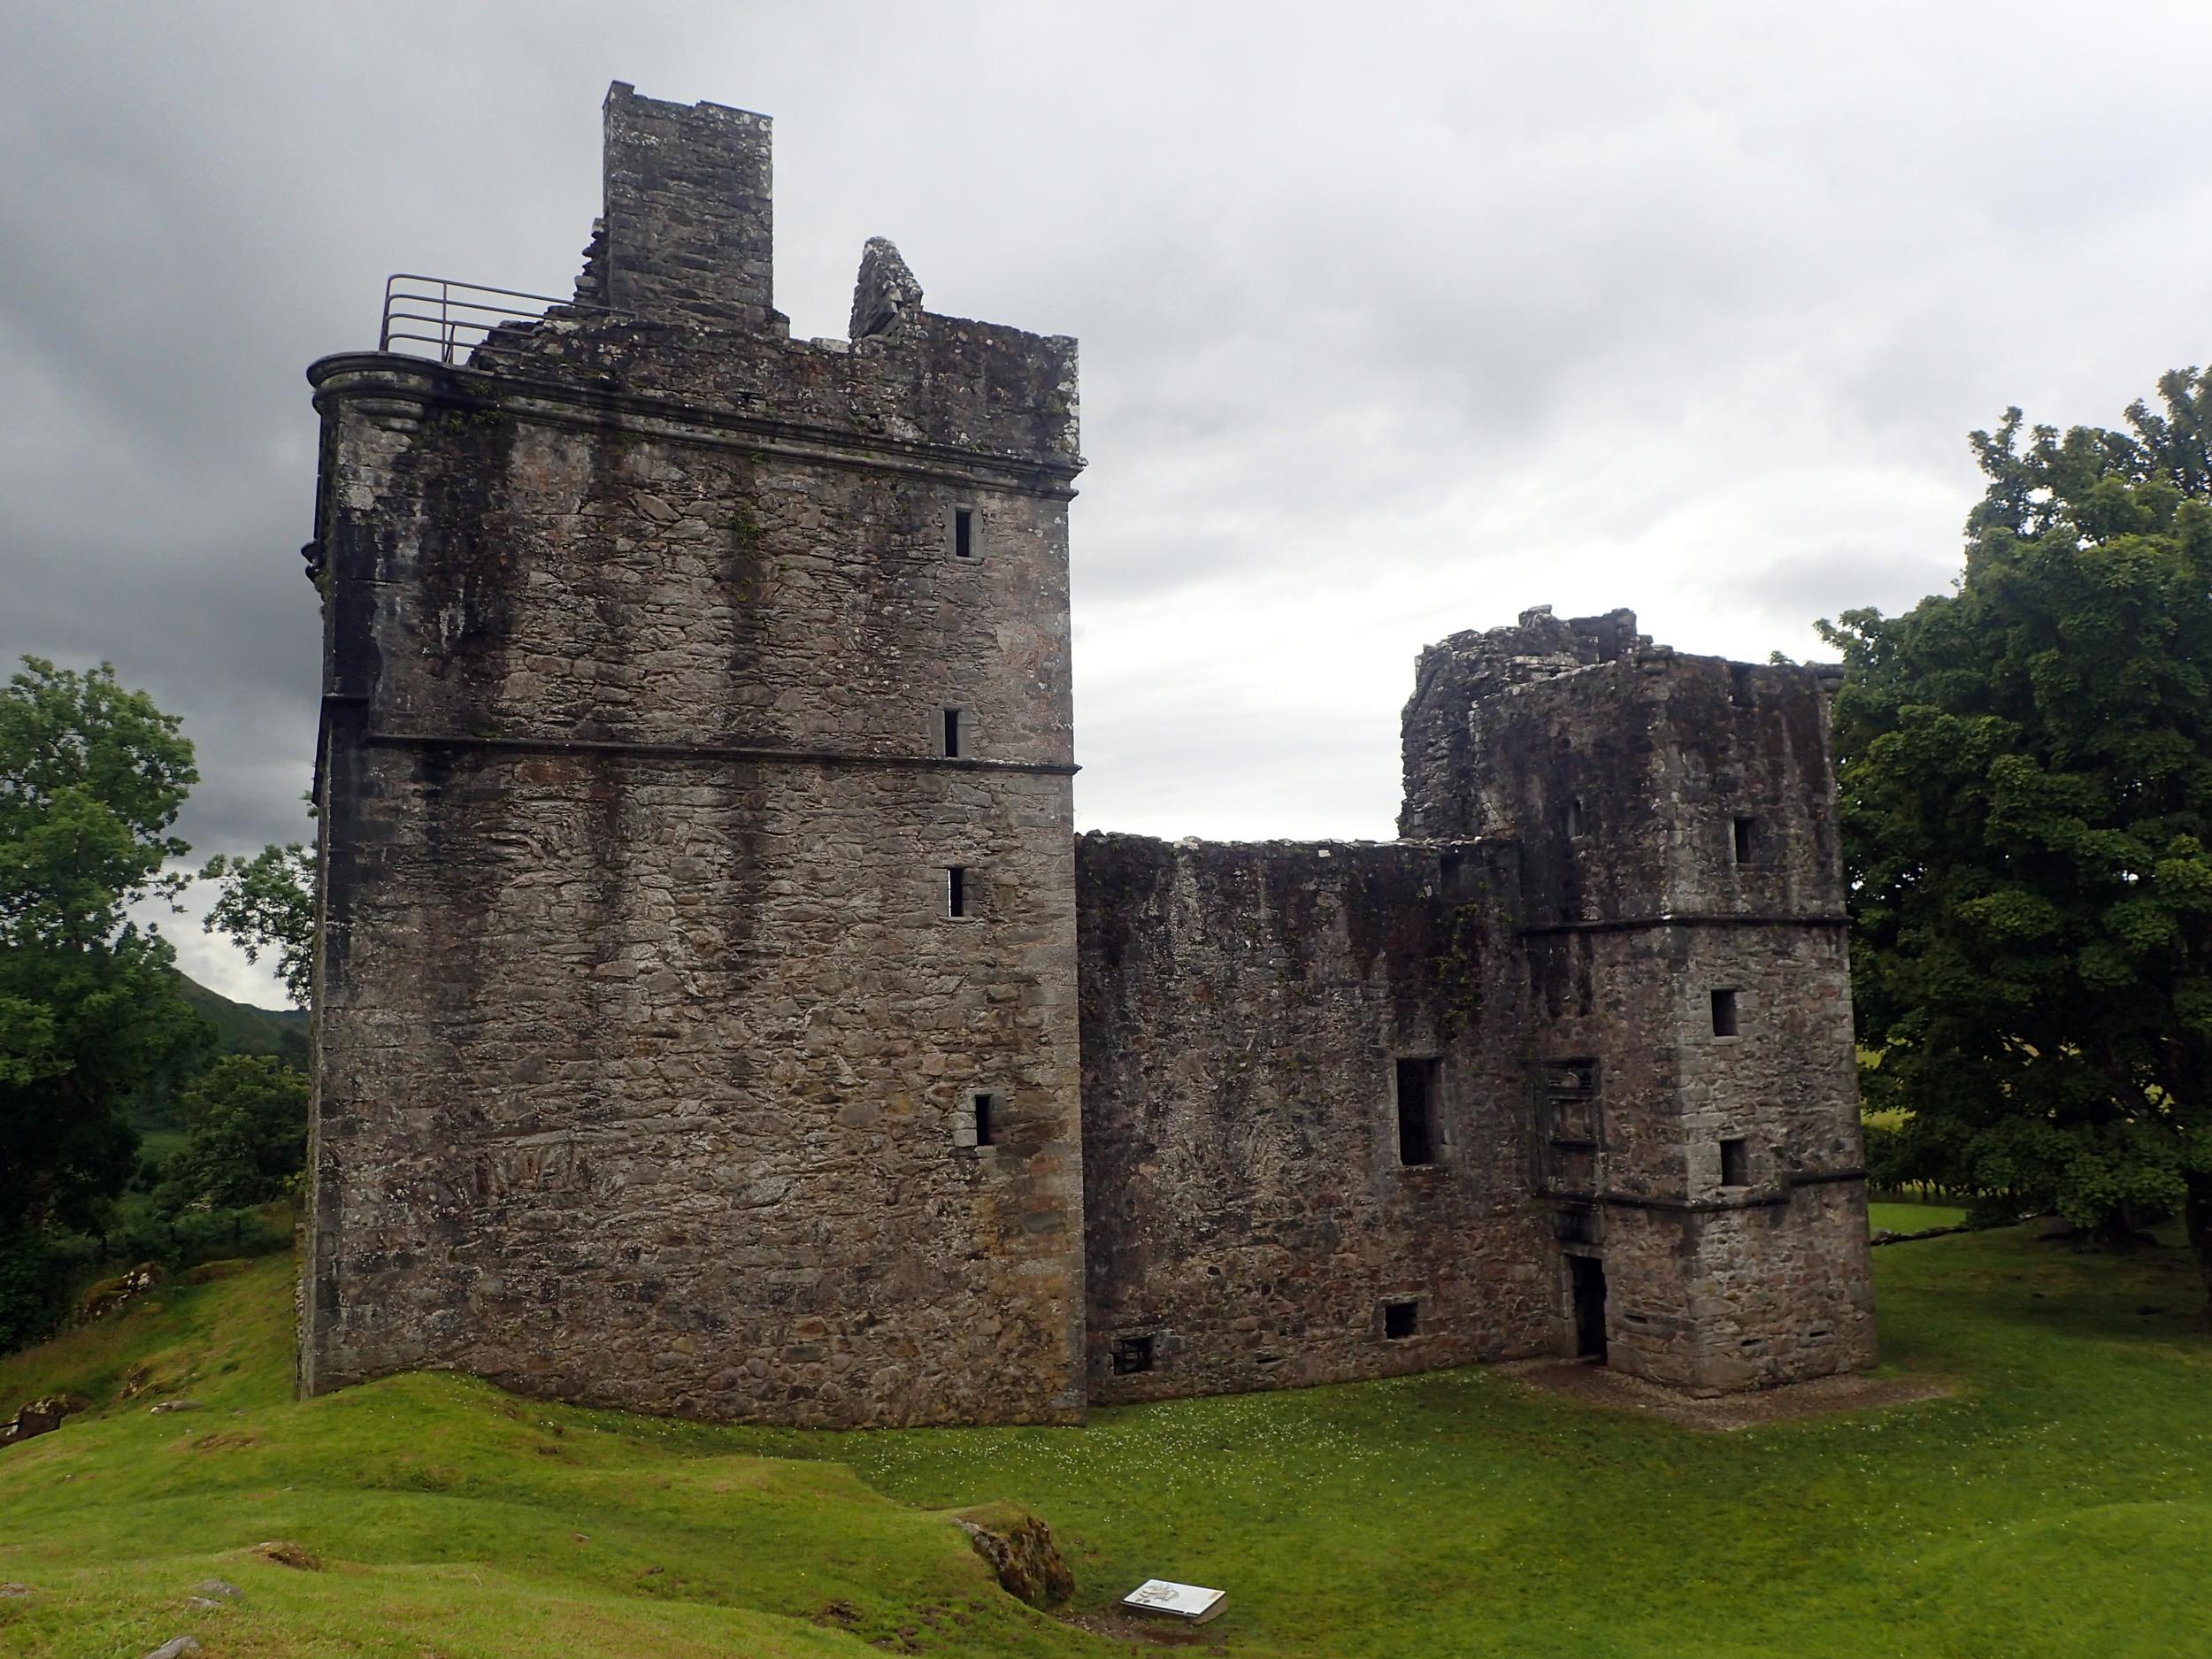 20150803 Castle at Kilmartin.jpg